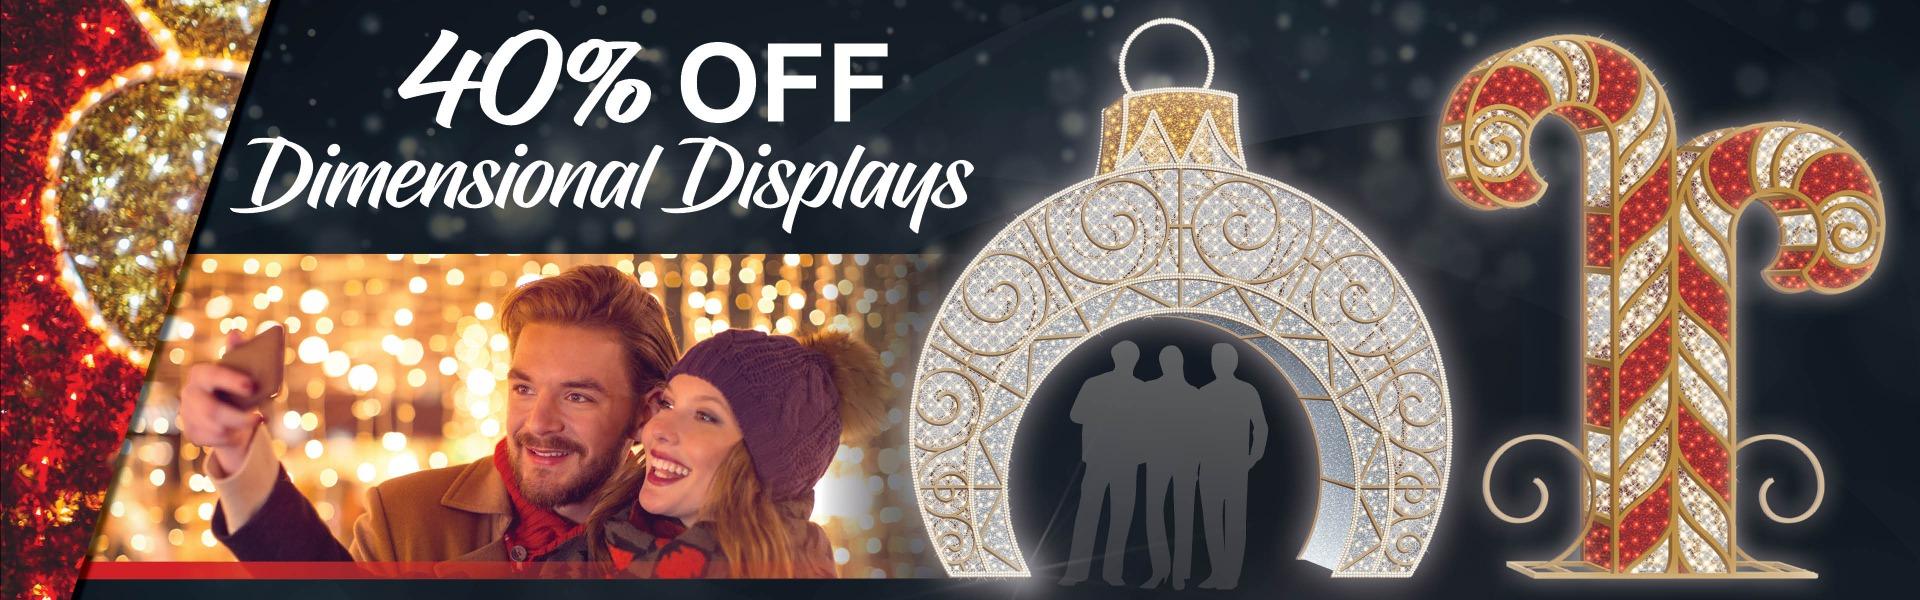 40% Off Dimensional Displays!